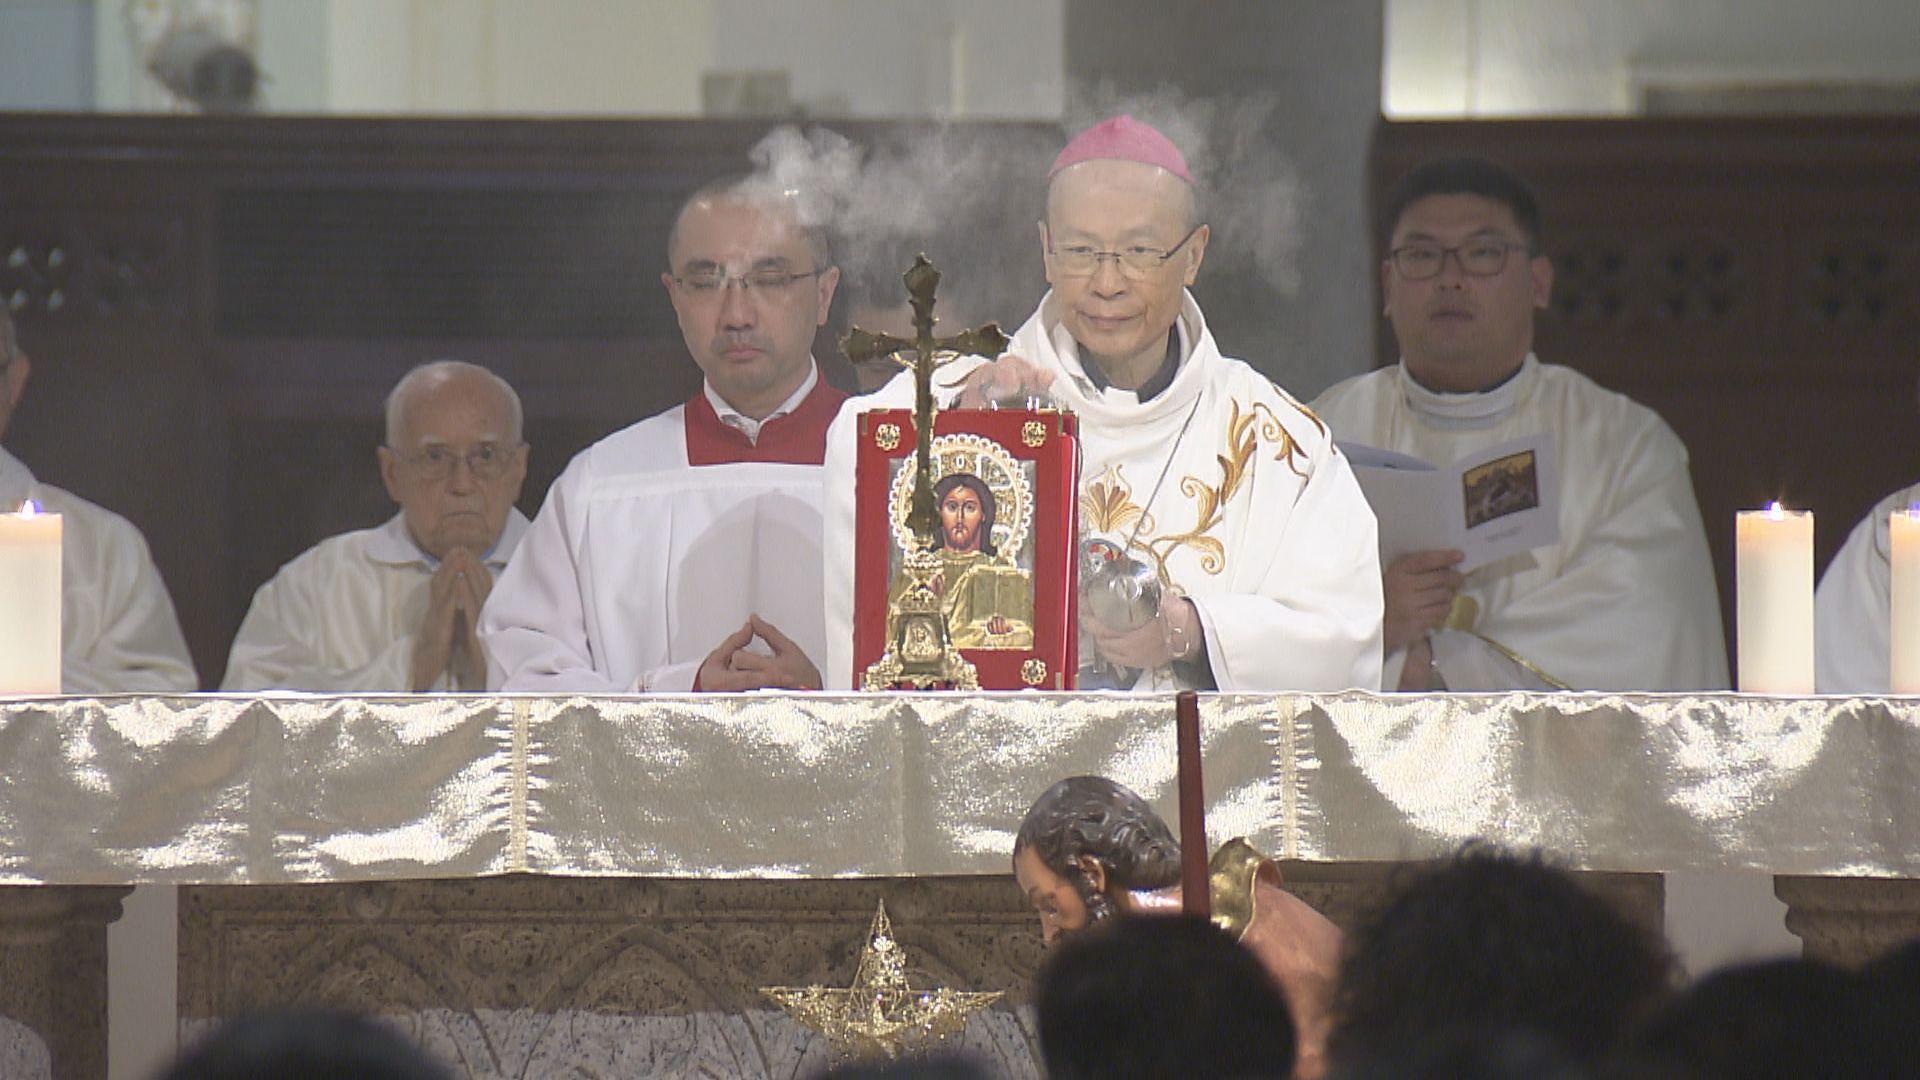 楊鳴章前年接任主教 承認健康有問題